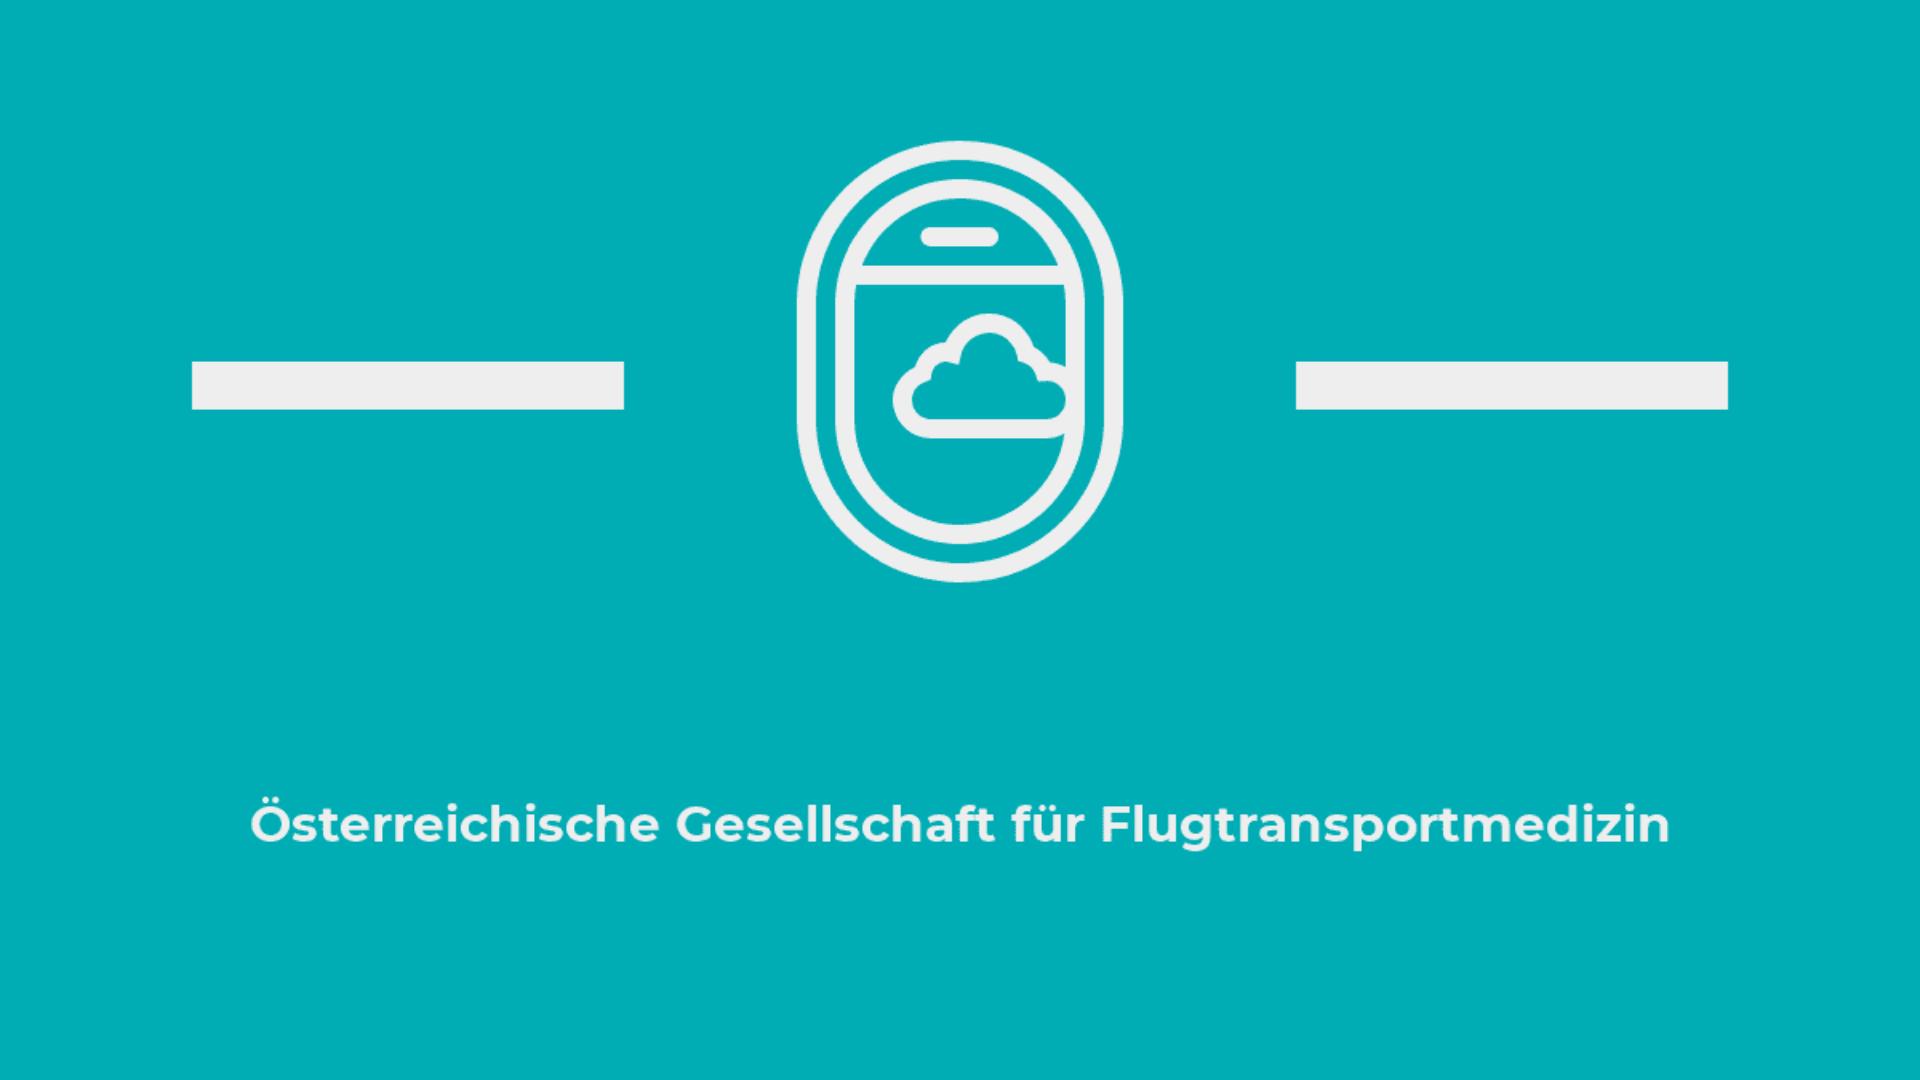 Österreichische Gesellschaft für Flugtransportmedizin